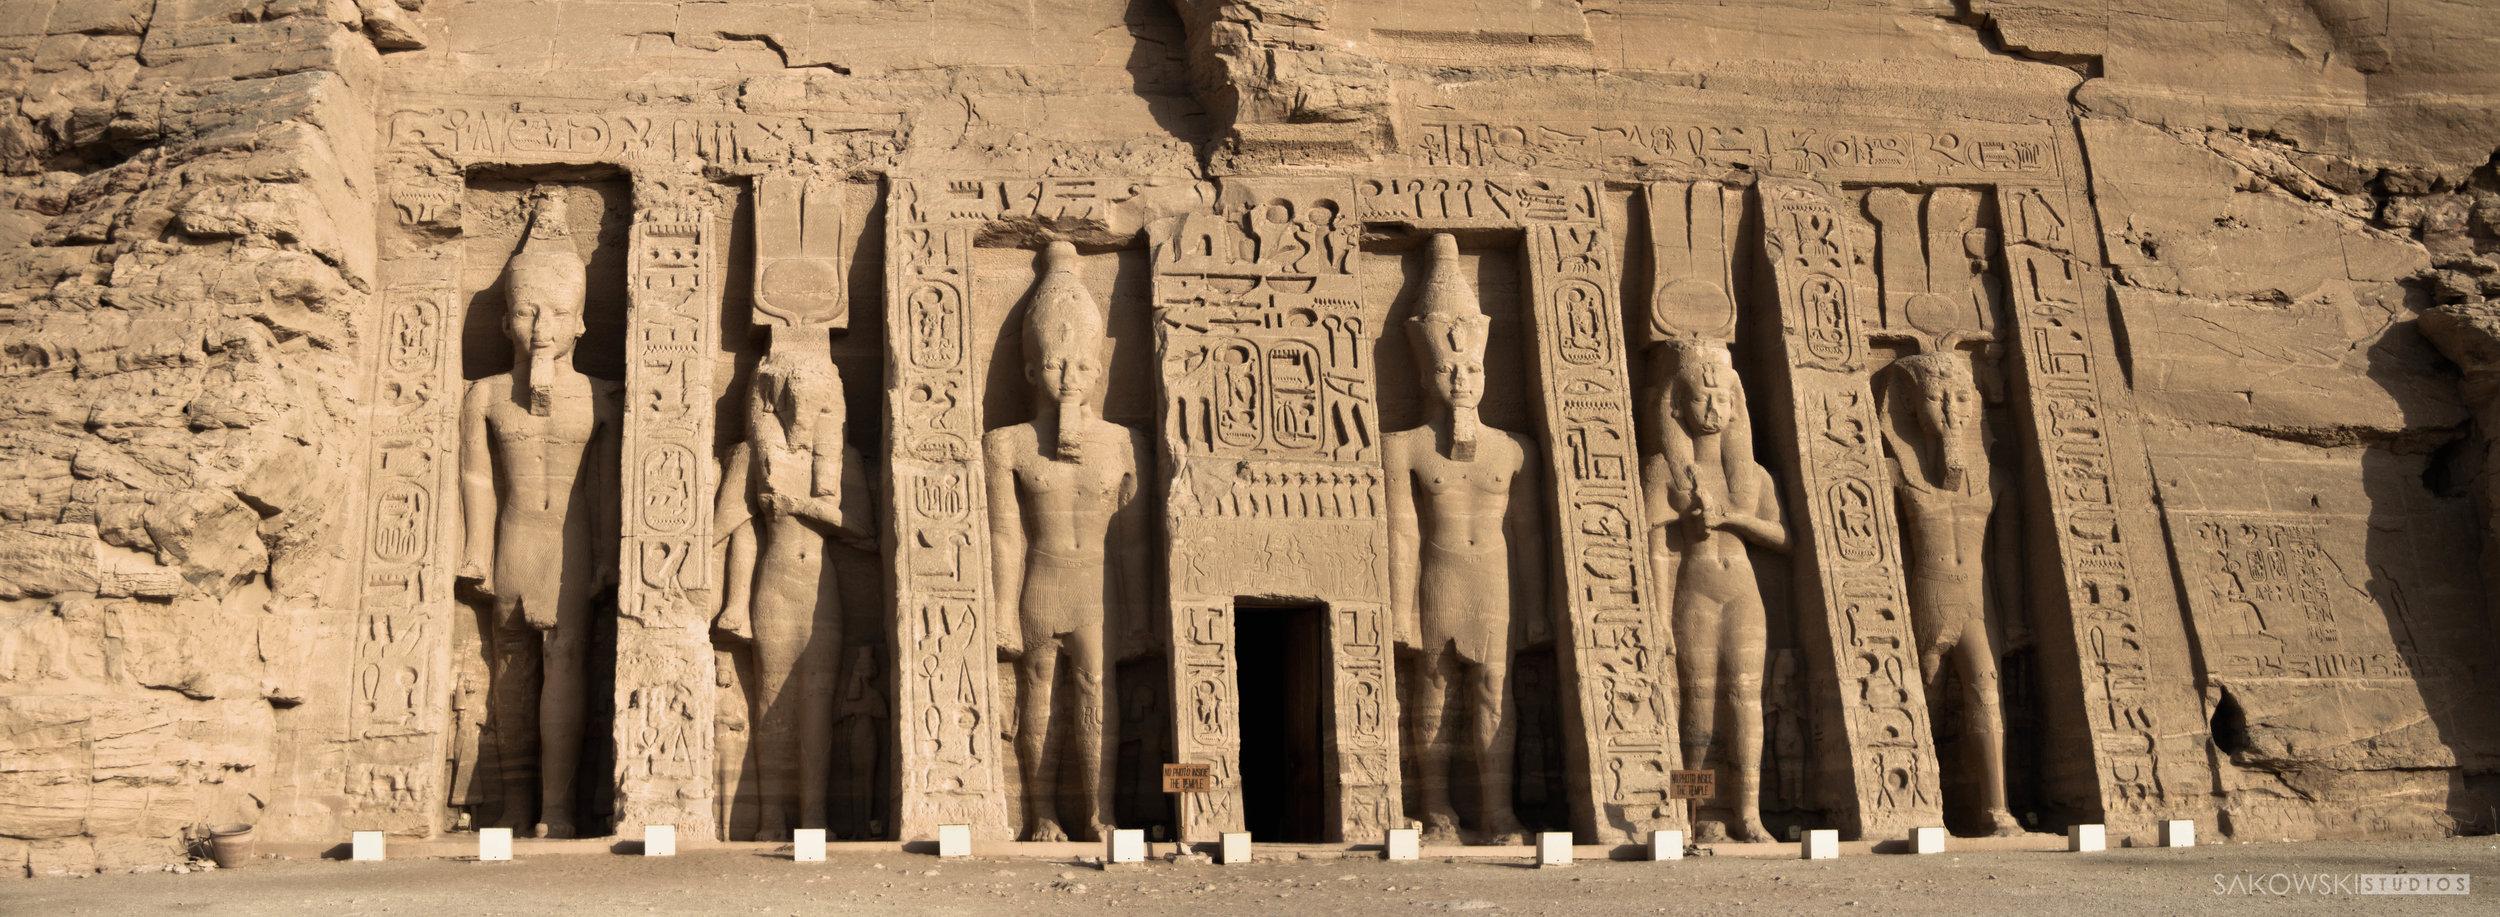 Sakowski_Egypt_07.jpg